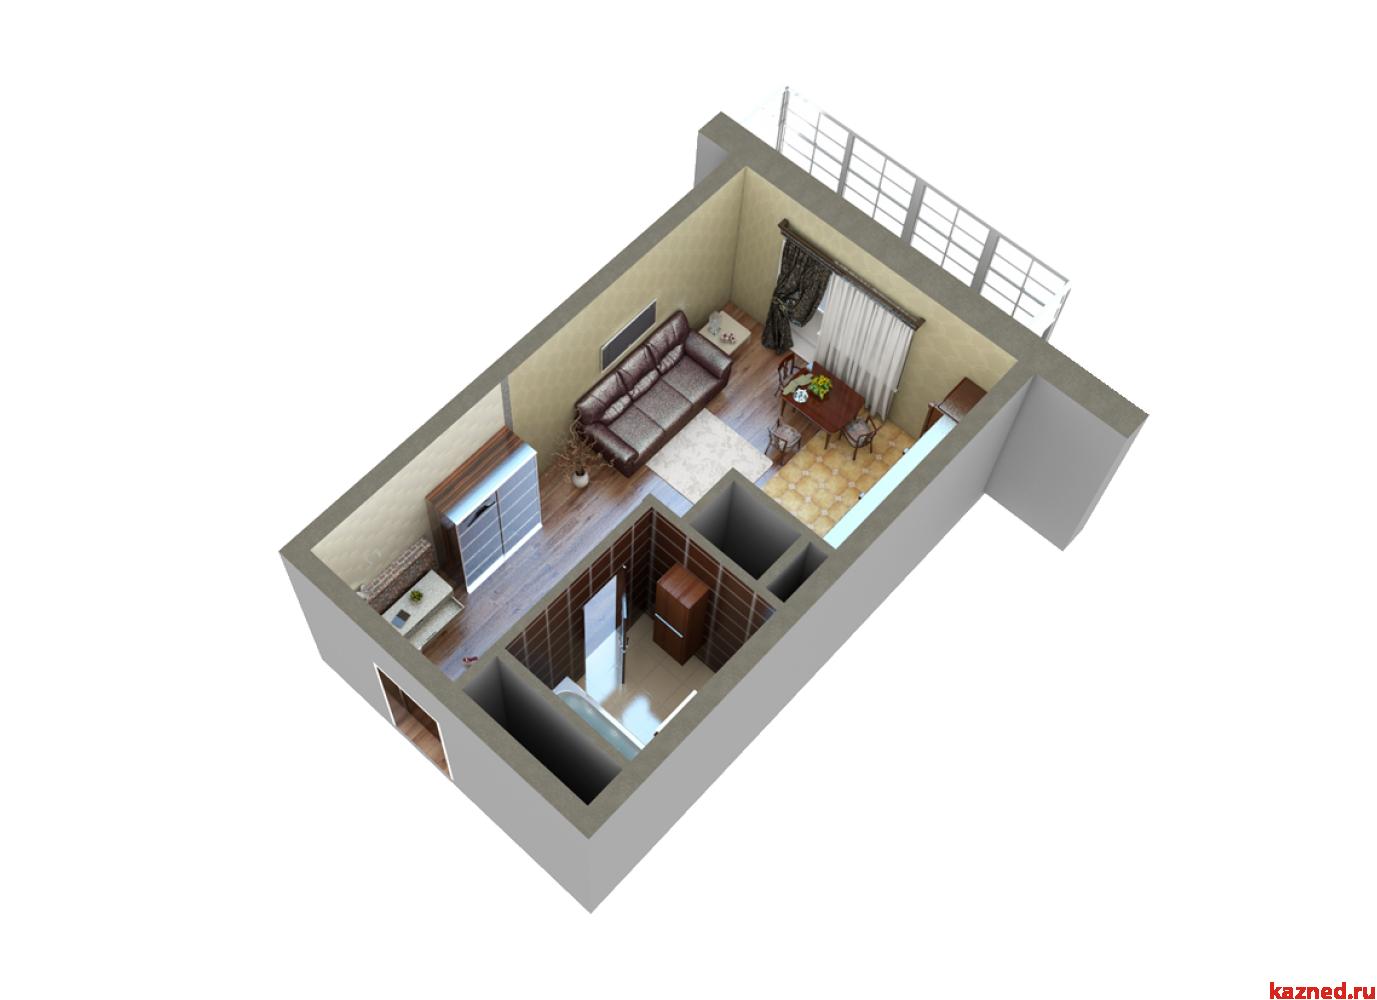 Продажа 1-к квартиры Мамадышский тракт, 36 м²  (миниатюра №7)